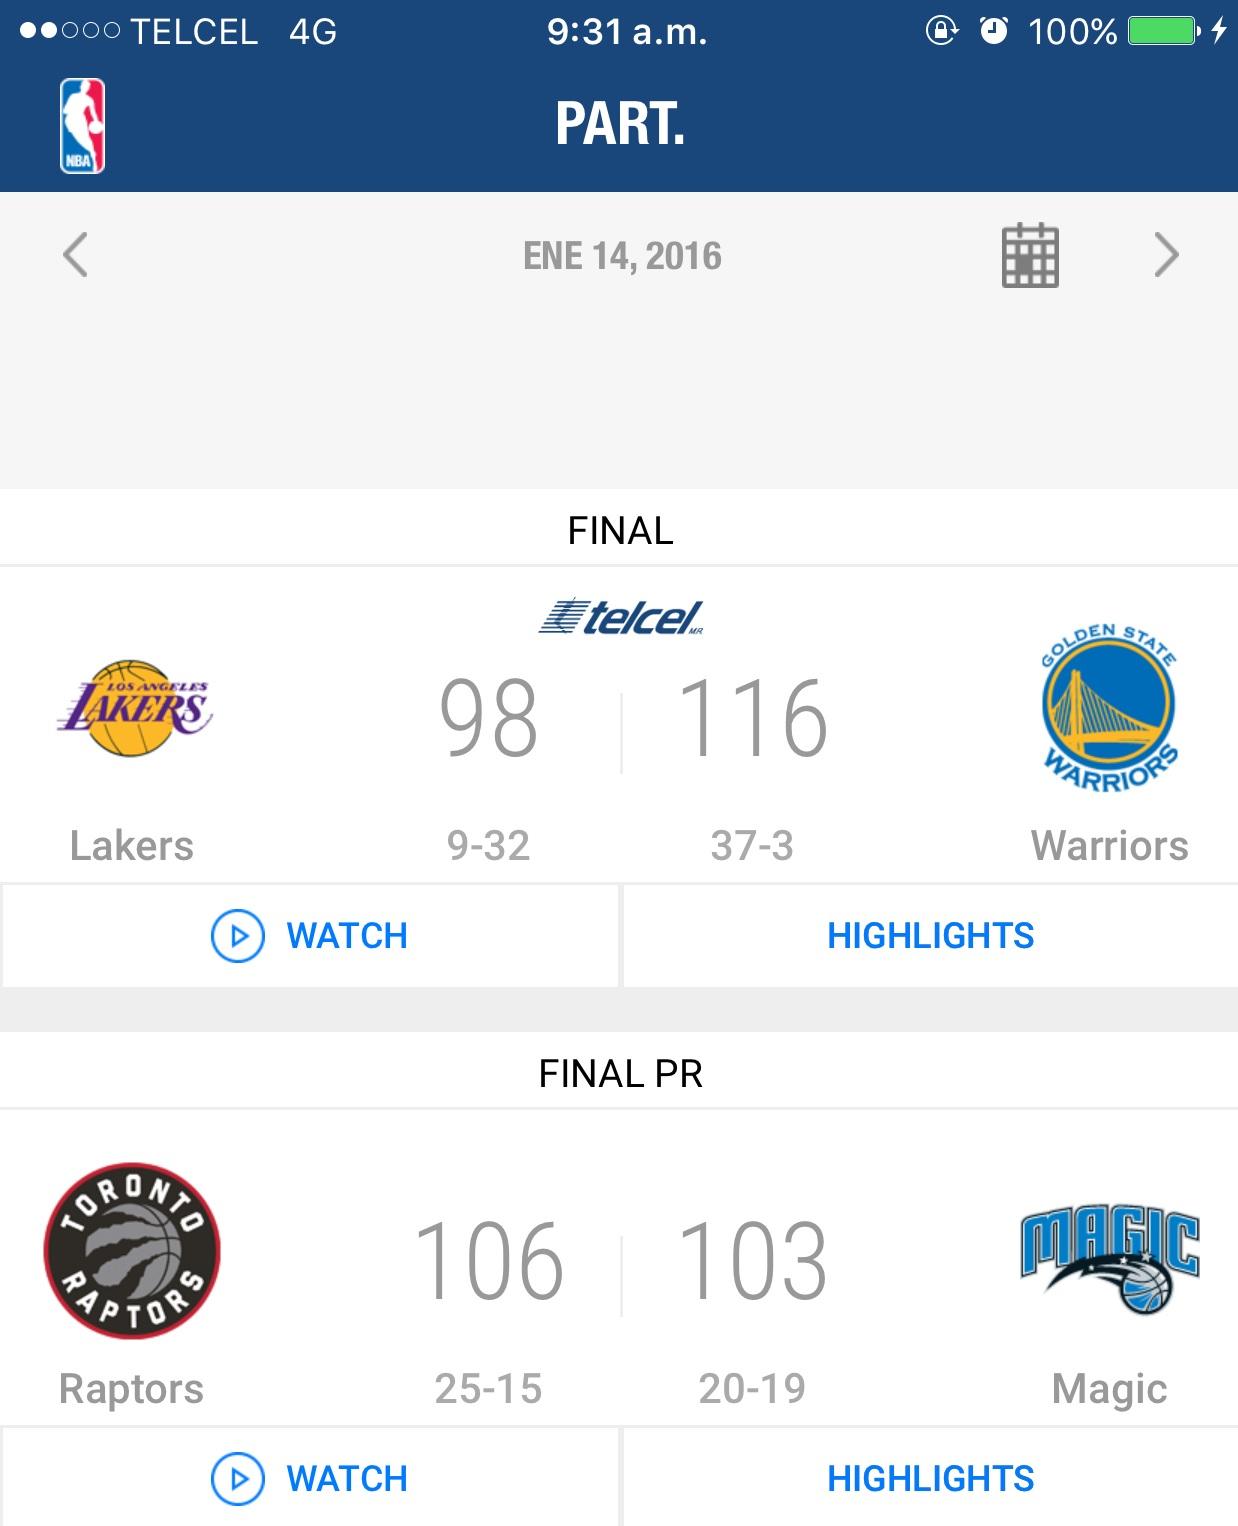 Telcel: Transmisión de partidos selectos de NBA gratis para usuarios (App NBA)